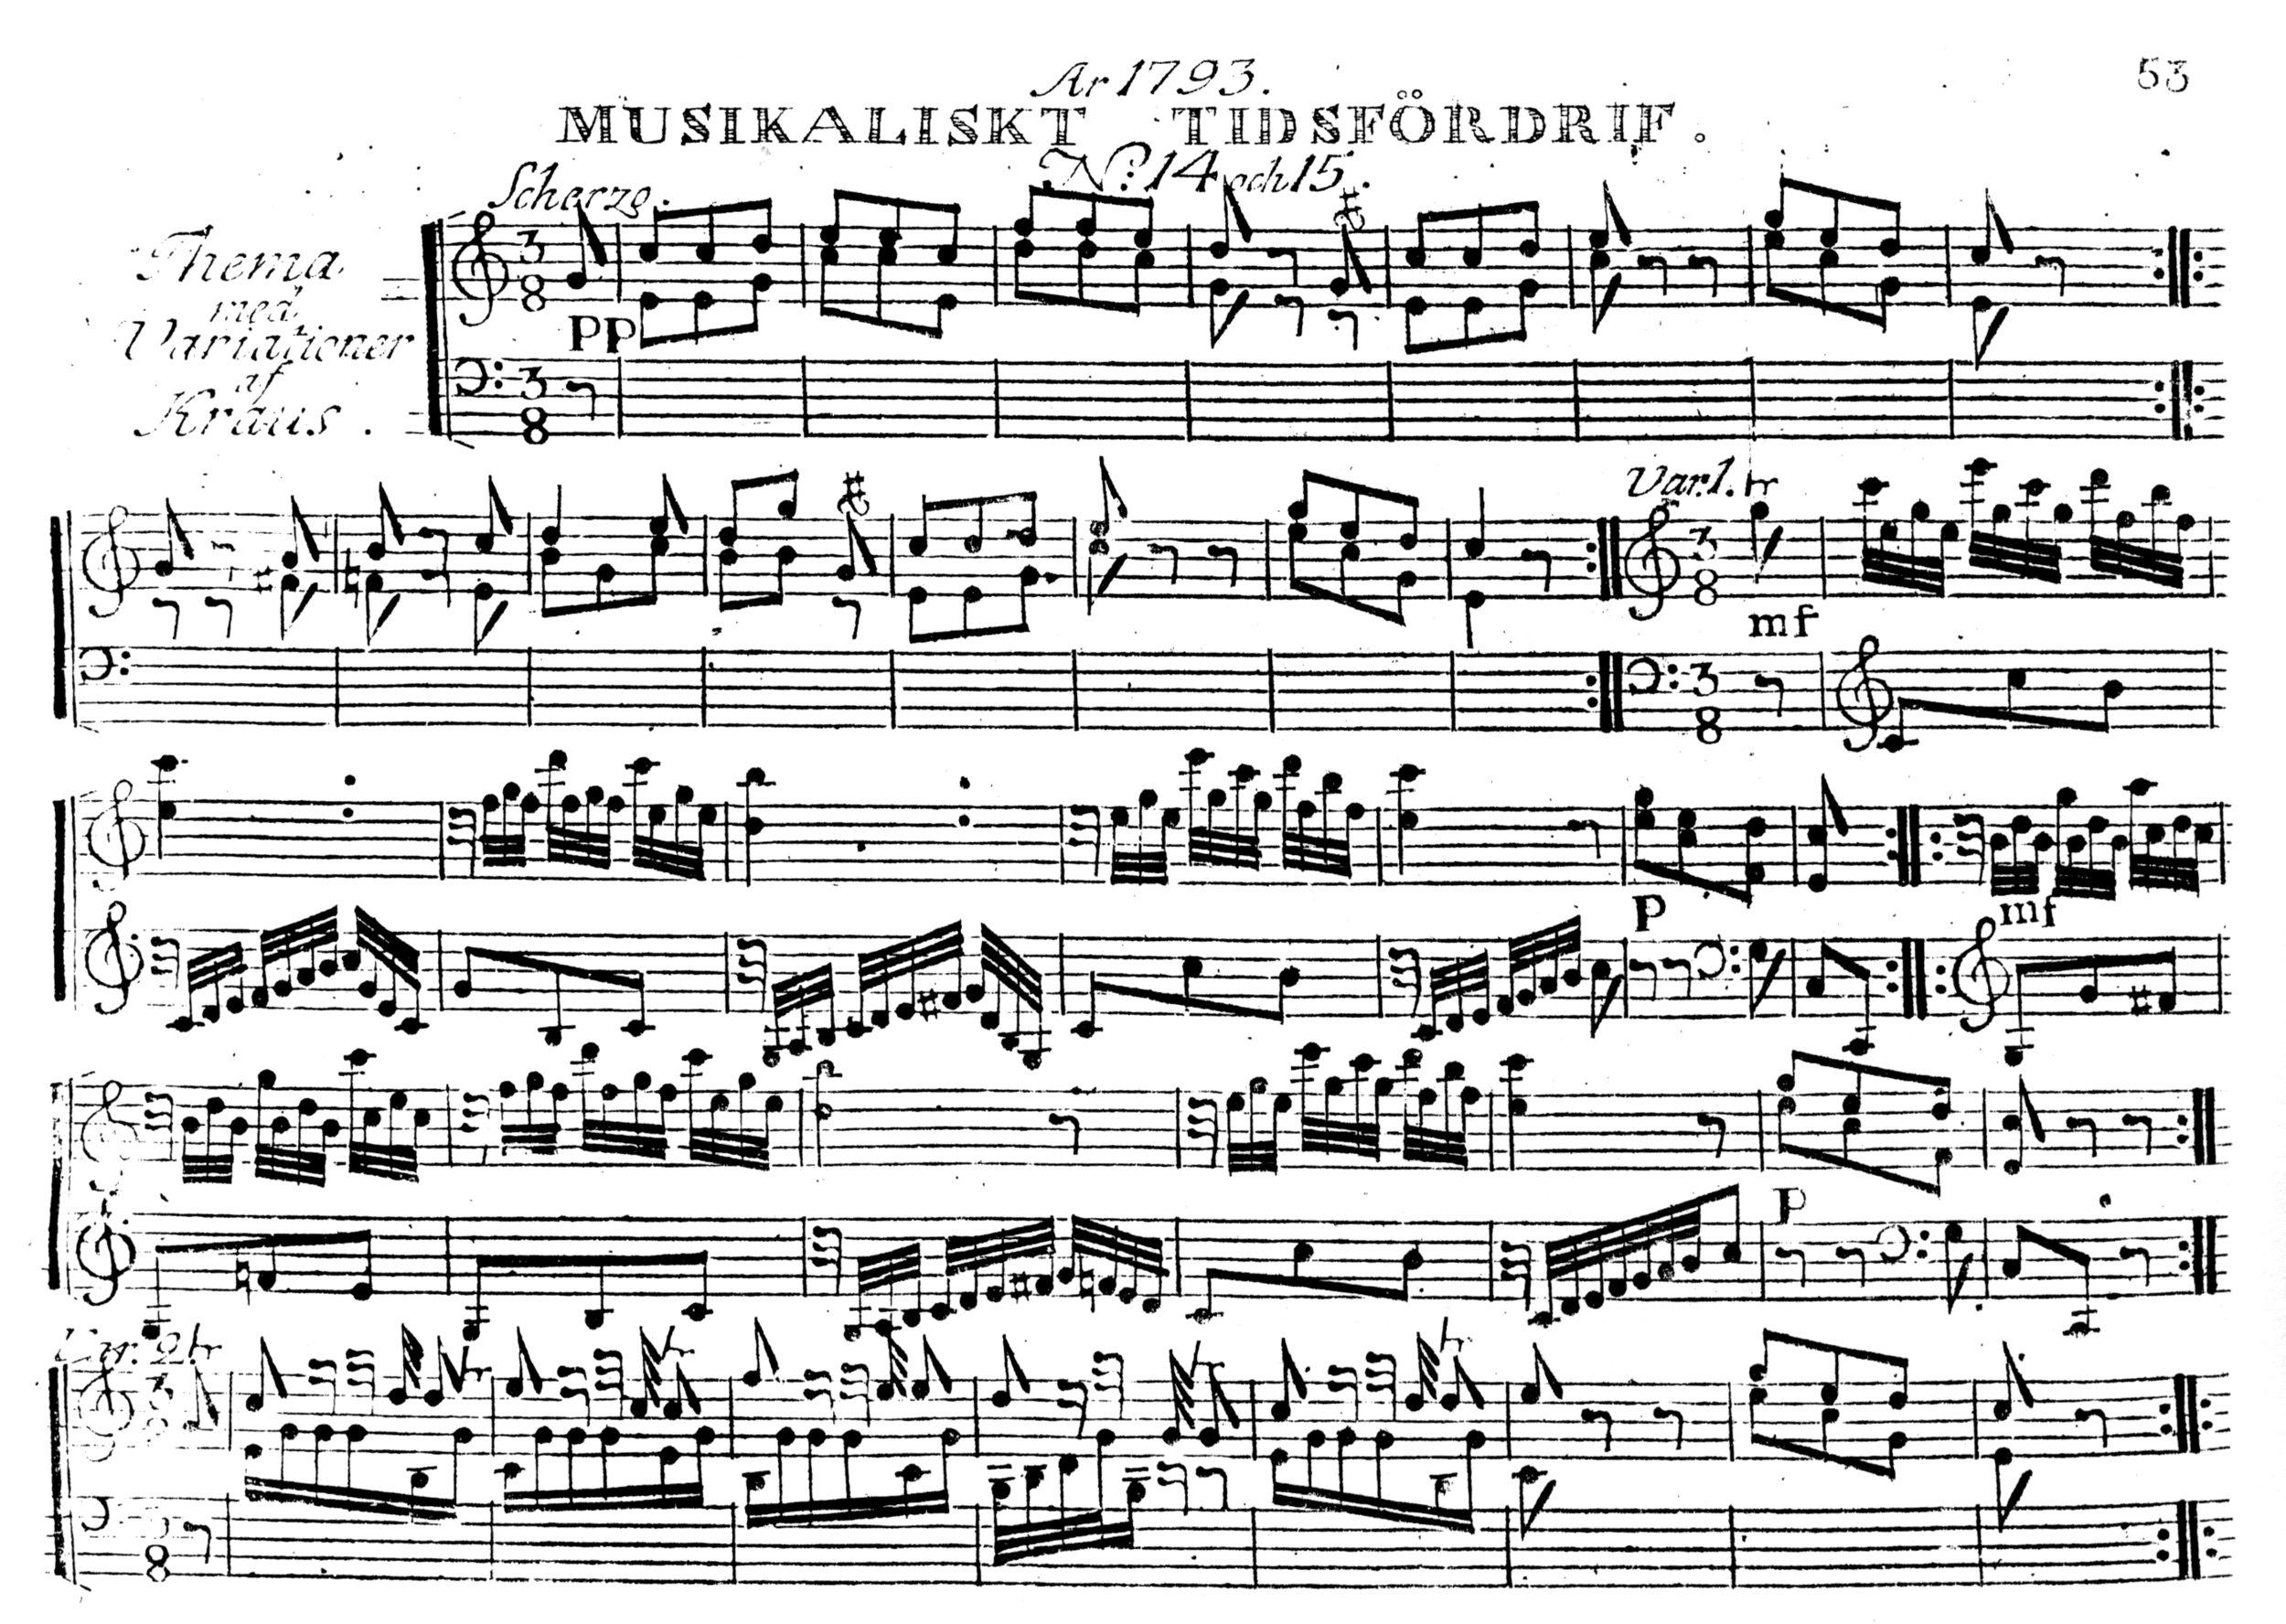 Fig. 5.   Musikaliskt Tidsfördrif,  no. 14-15 (1793), reprinted in  The Hymn , vol. 58, no. 2 (Spring 2007), p. 30.